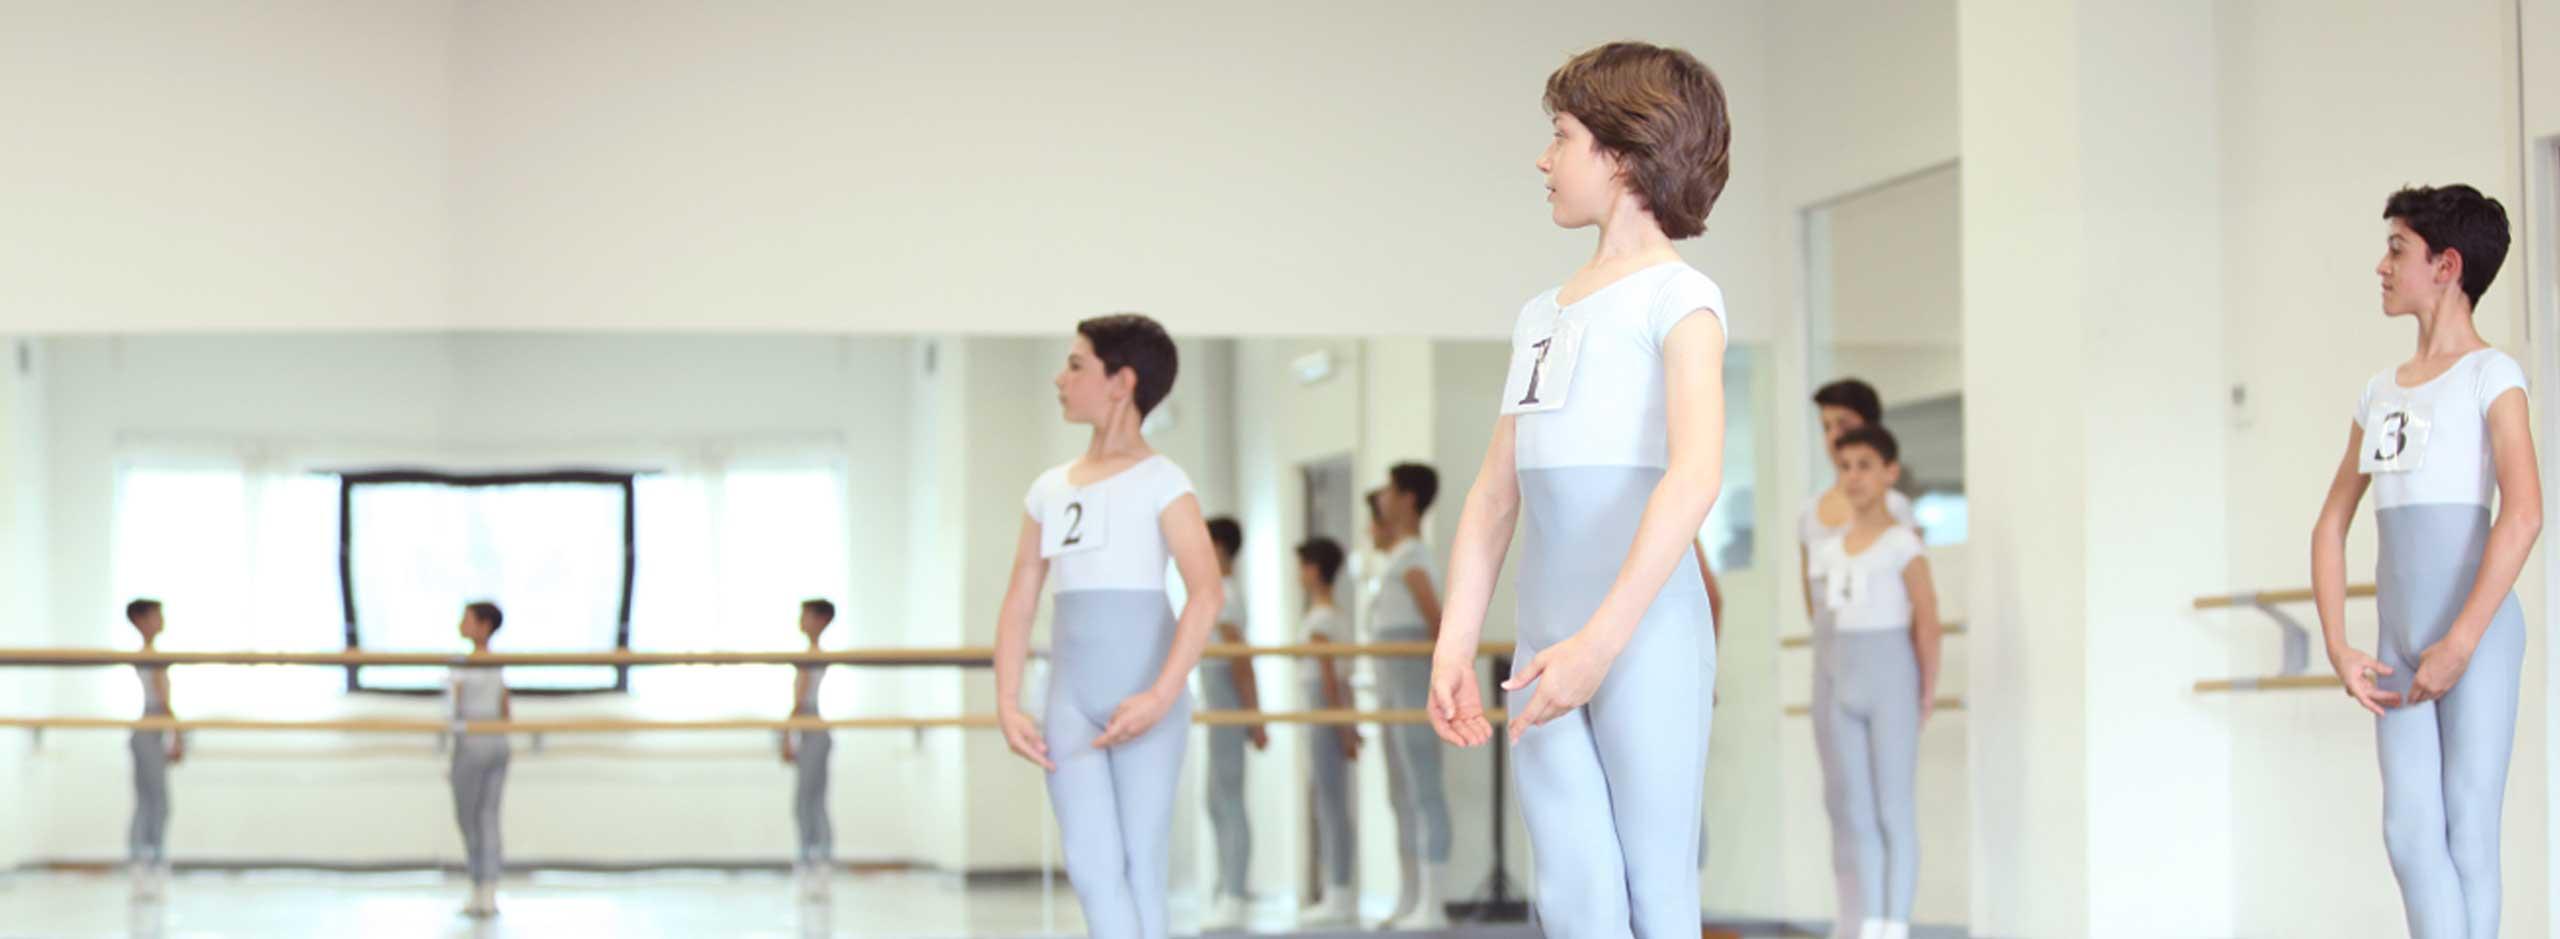 borse-di-studio-uomini-scuola-danza-balletto-di-roma-slide